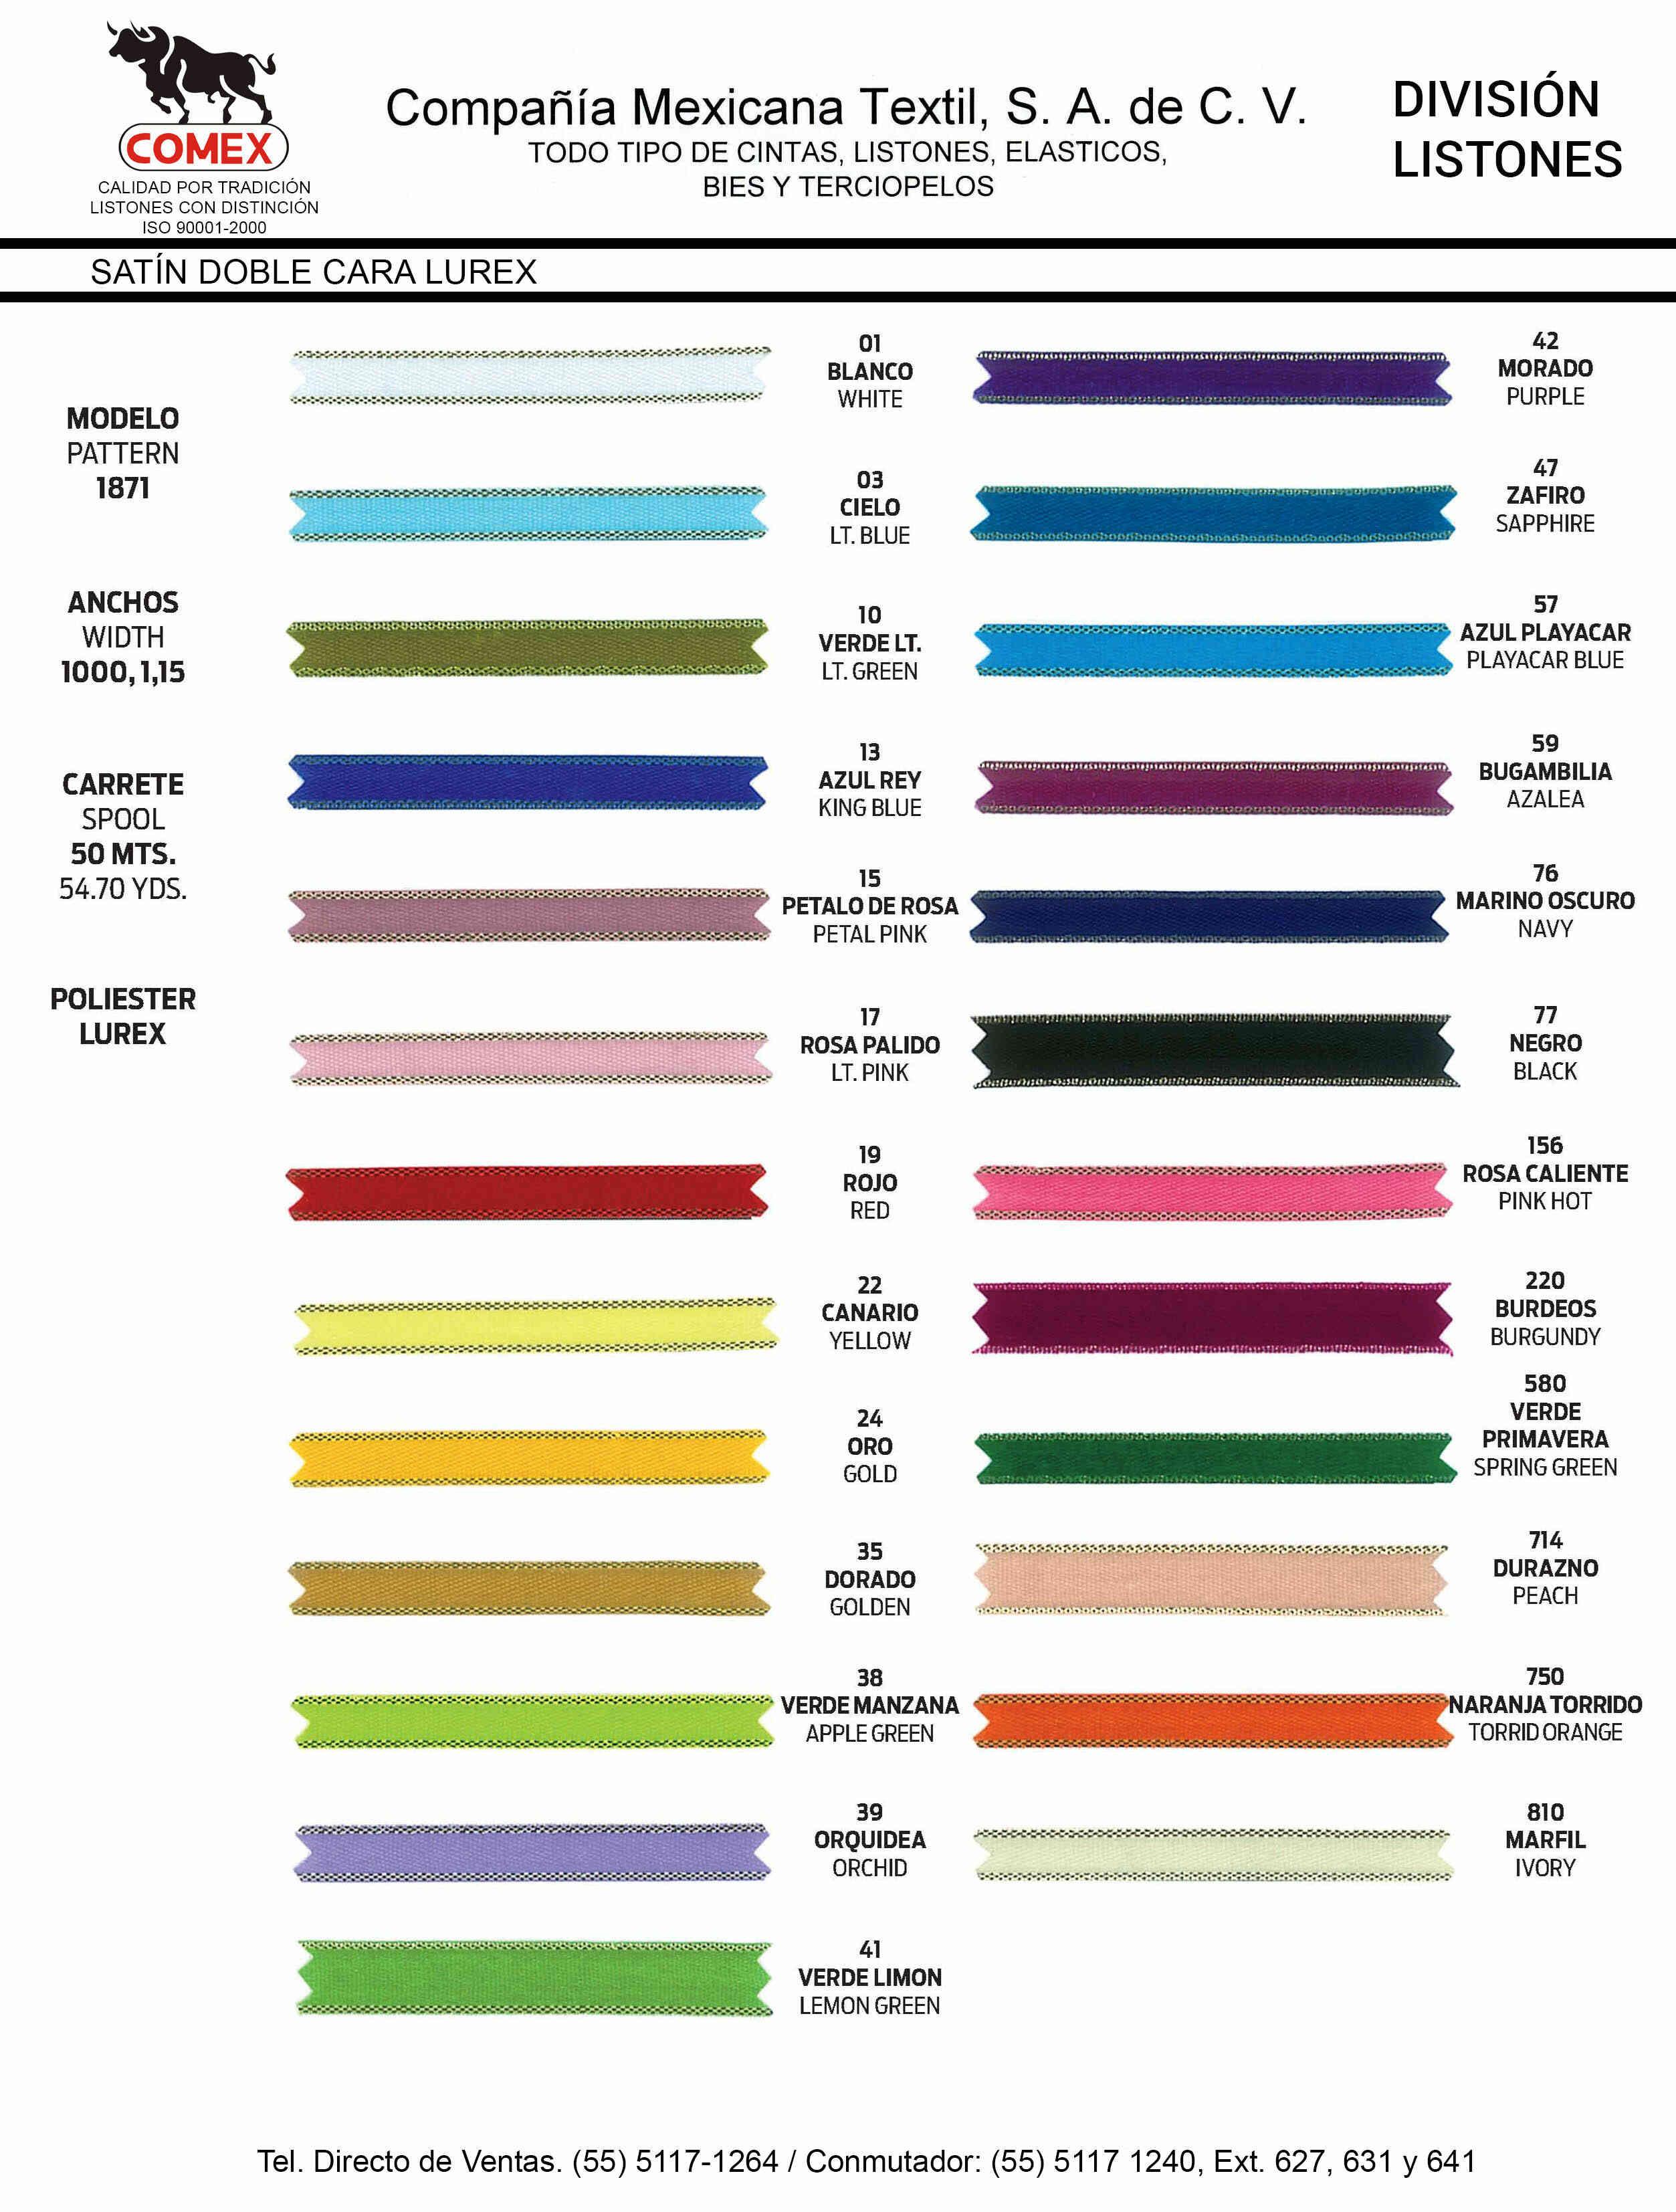 Anchos y Colores de Liston Mod.1871 50.00 Mt.